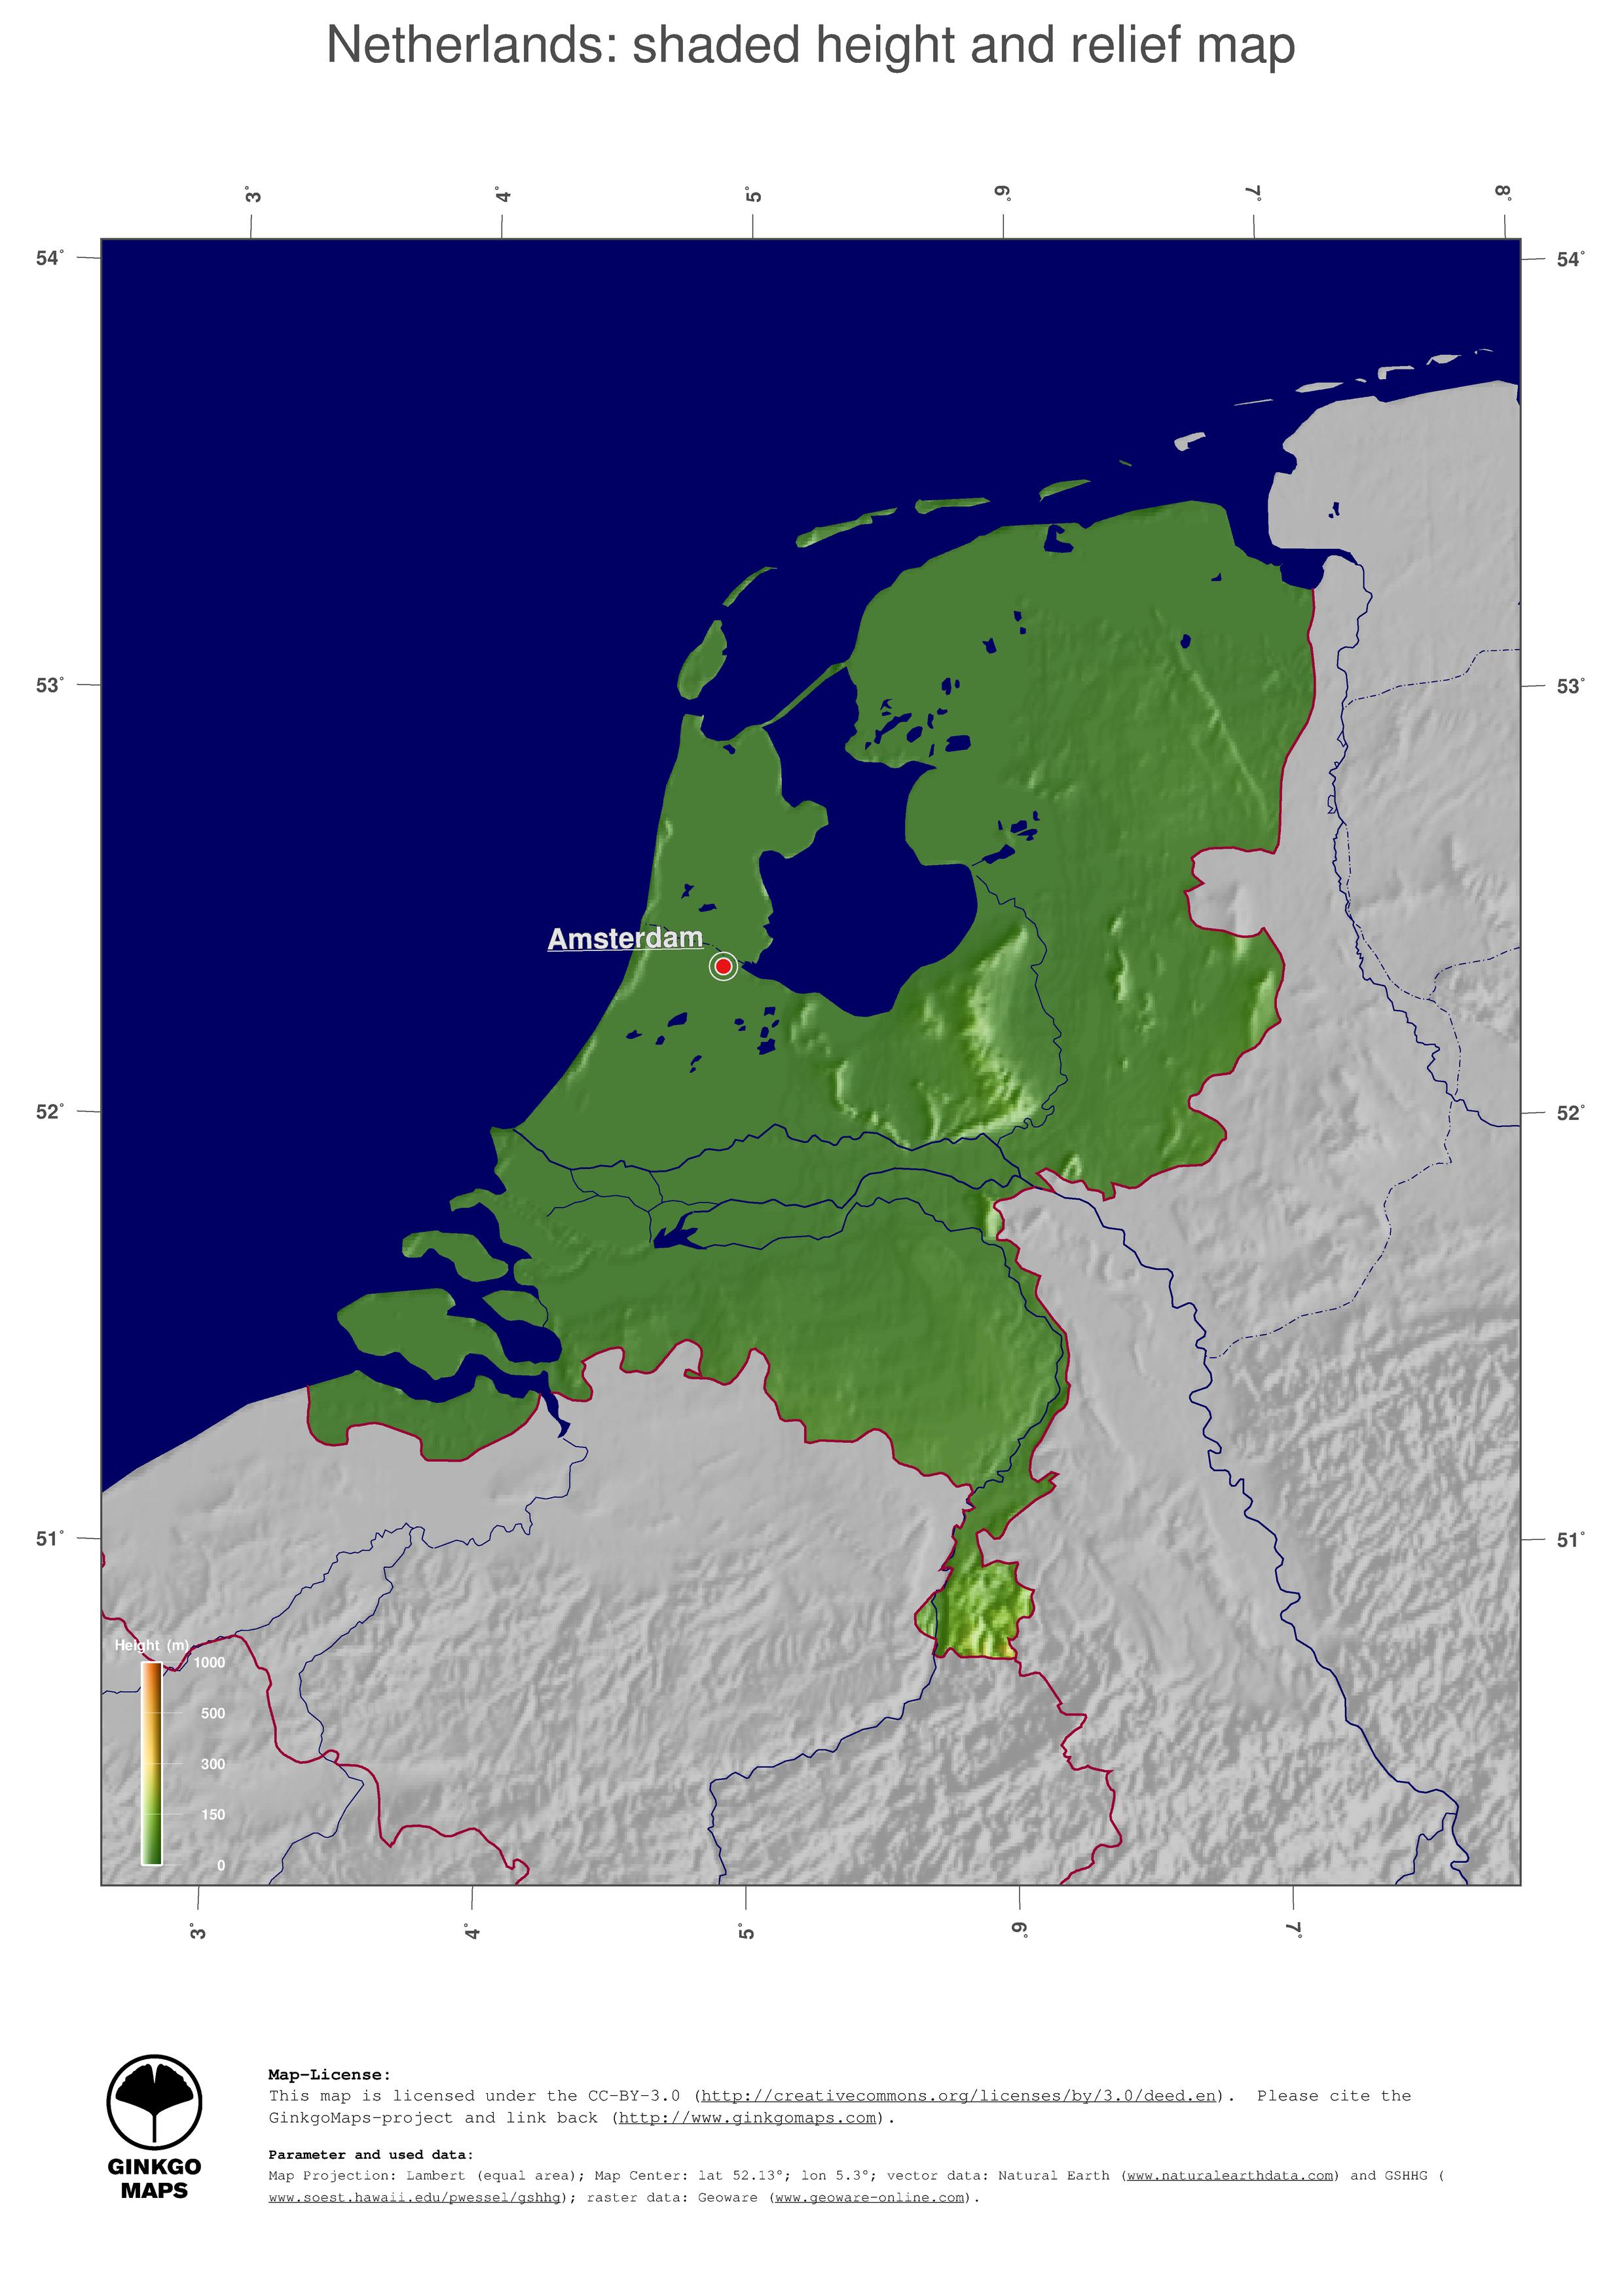 JPG 3498 x 2480 pxl Map Netherlands